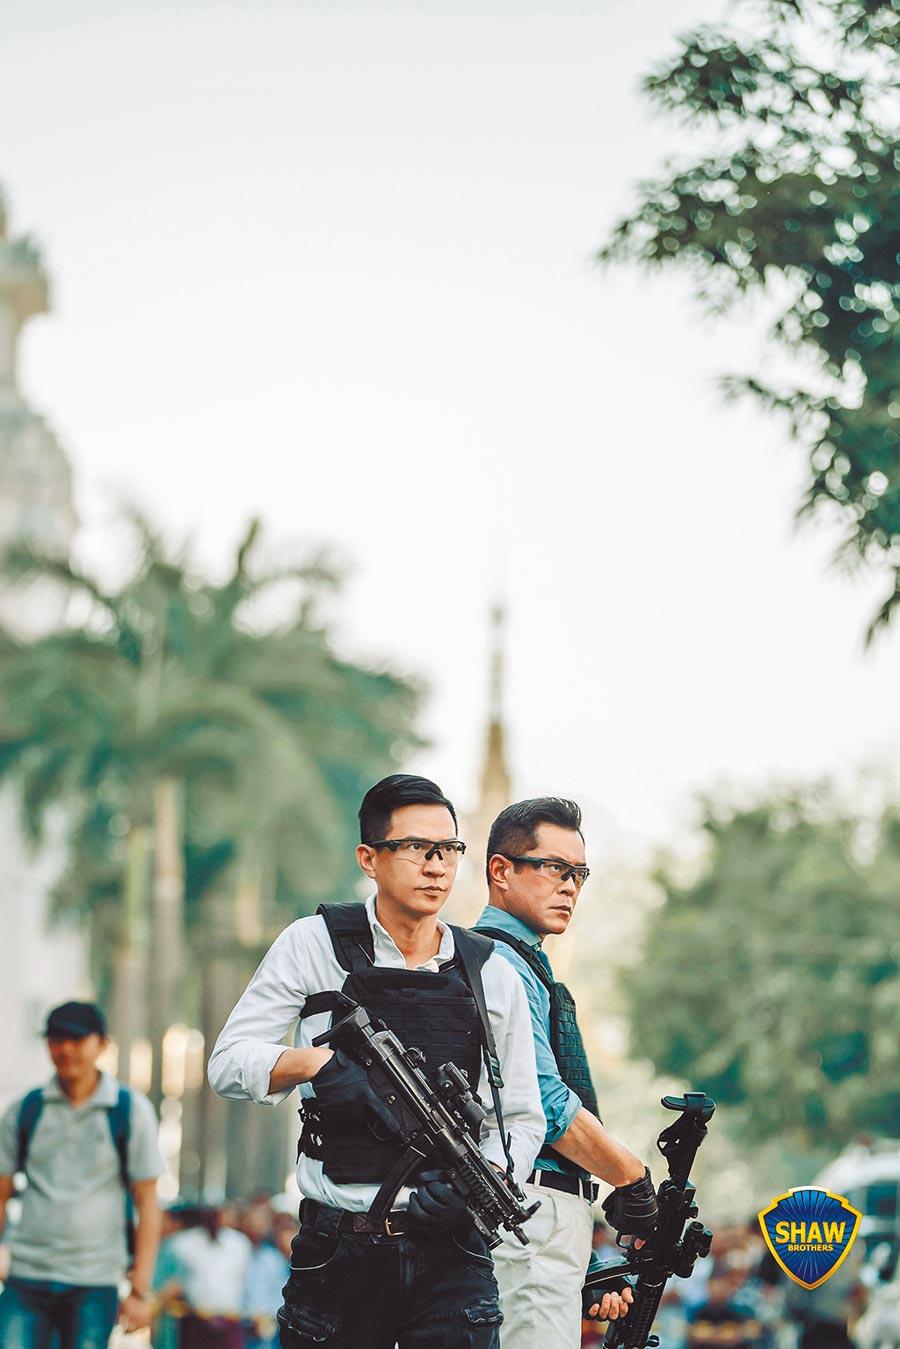 古天樂(右)和張家輝再度為《使徒行者》系列前往異地拍攝。